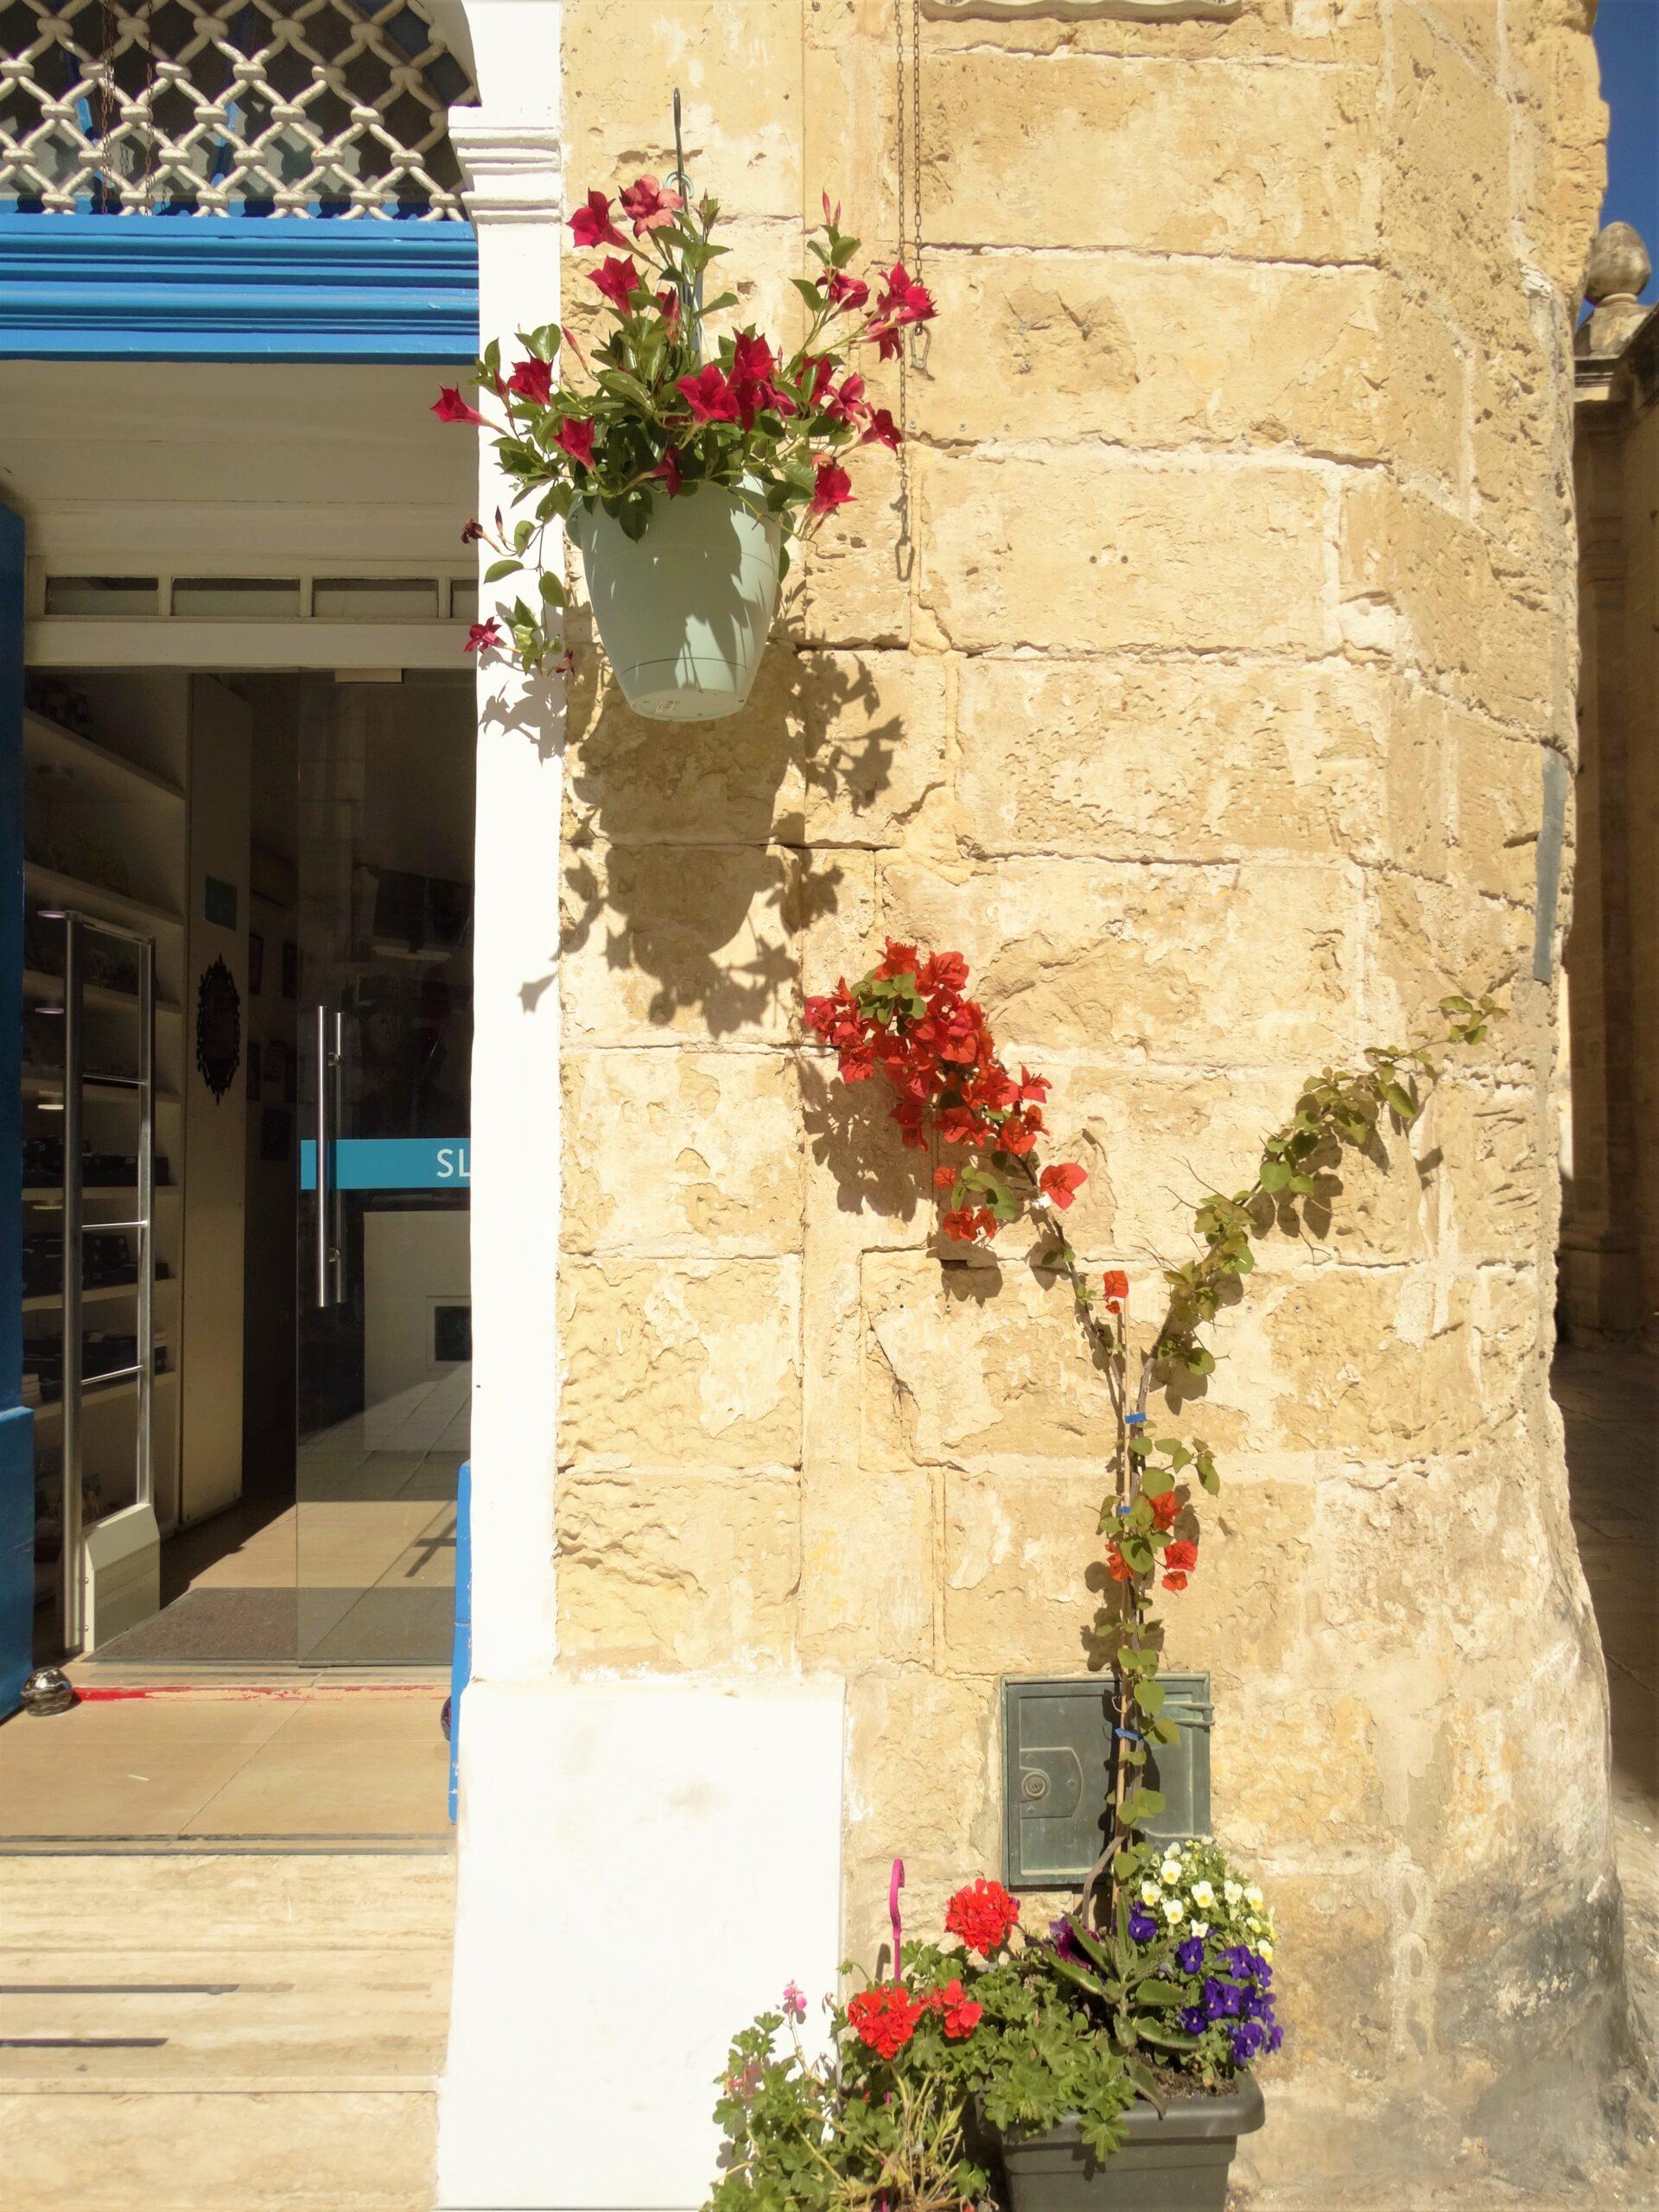 Calatorie Malta Poze